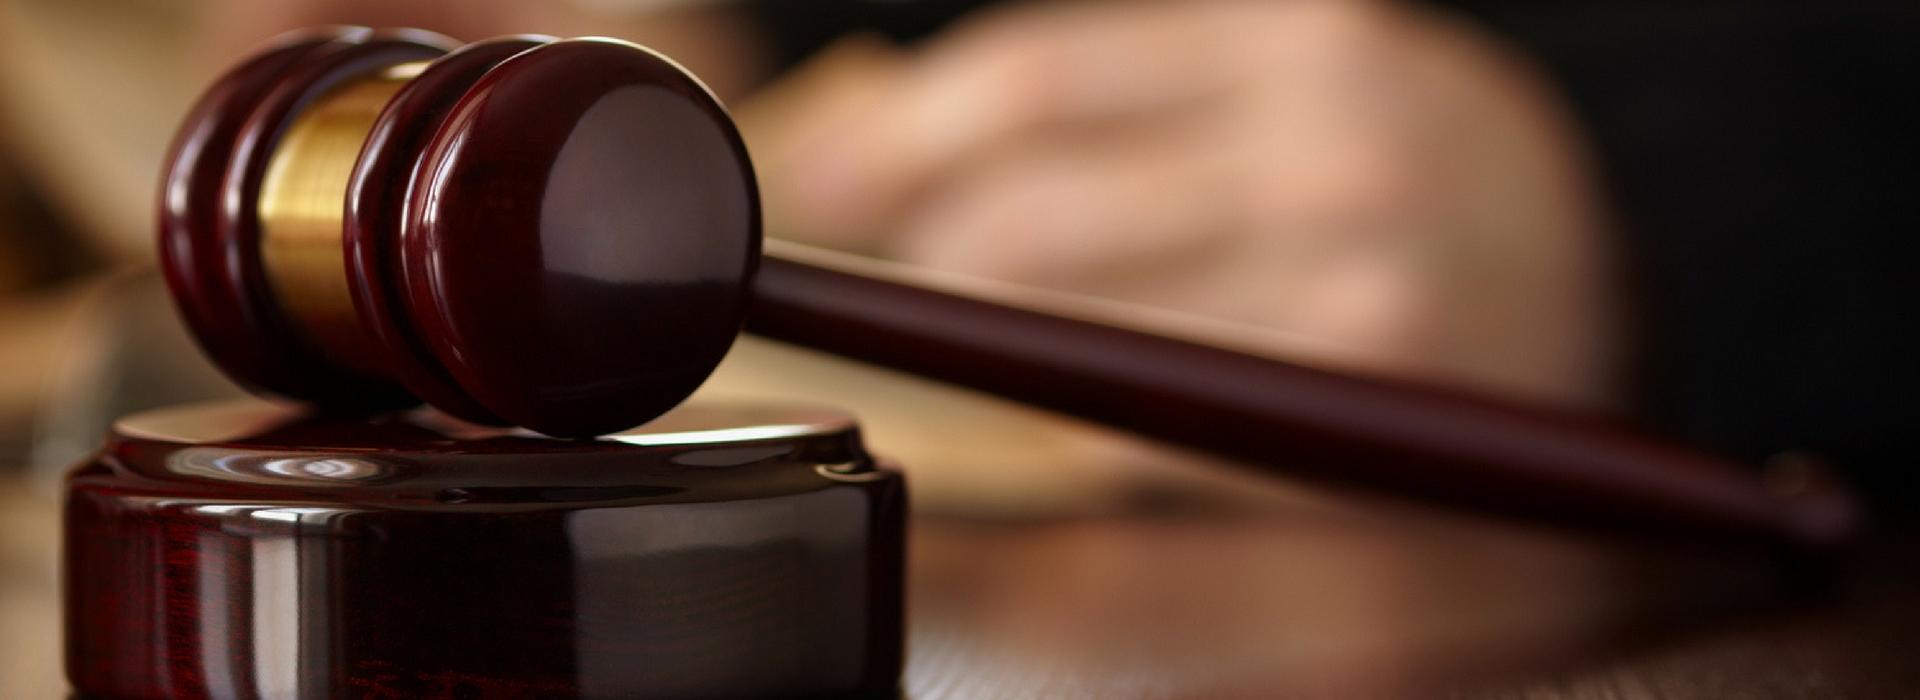 Si vuole davvero che funzioni la Giustizia a San Marino? – Pier Luigi Zanotti | CGG del 14.11.18